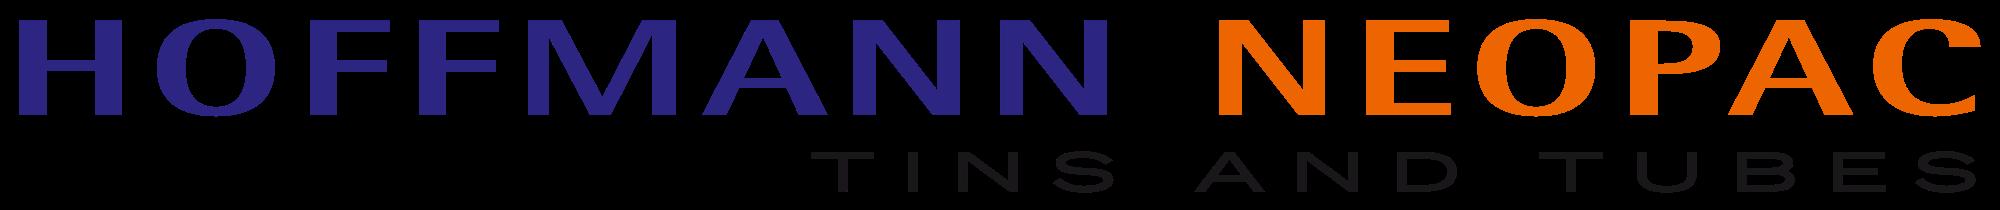 http://industrienacht.ch/wp-content/uploads/2017/06/Hoffmann_Neopac_Logo.png